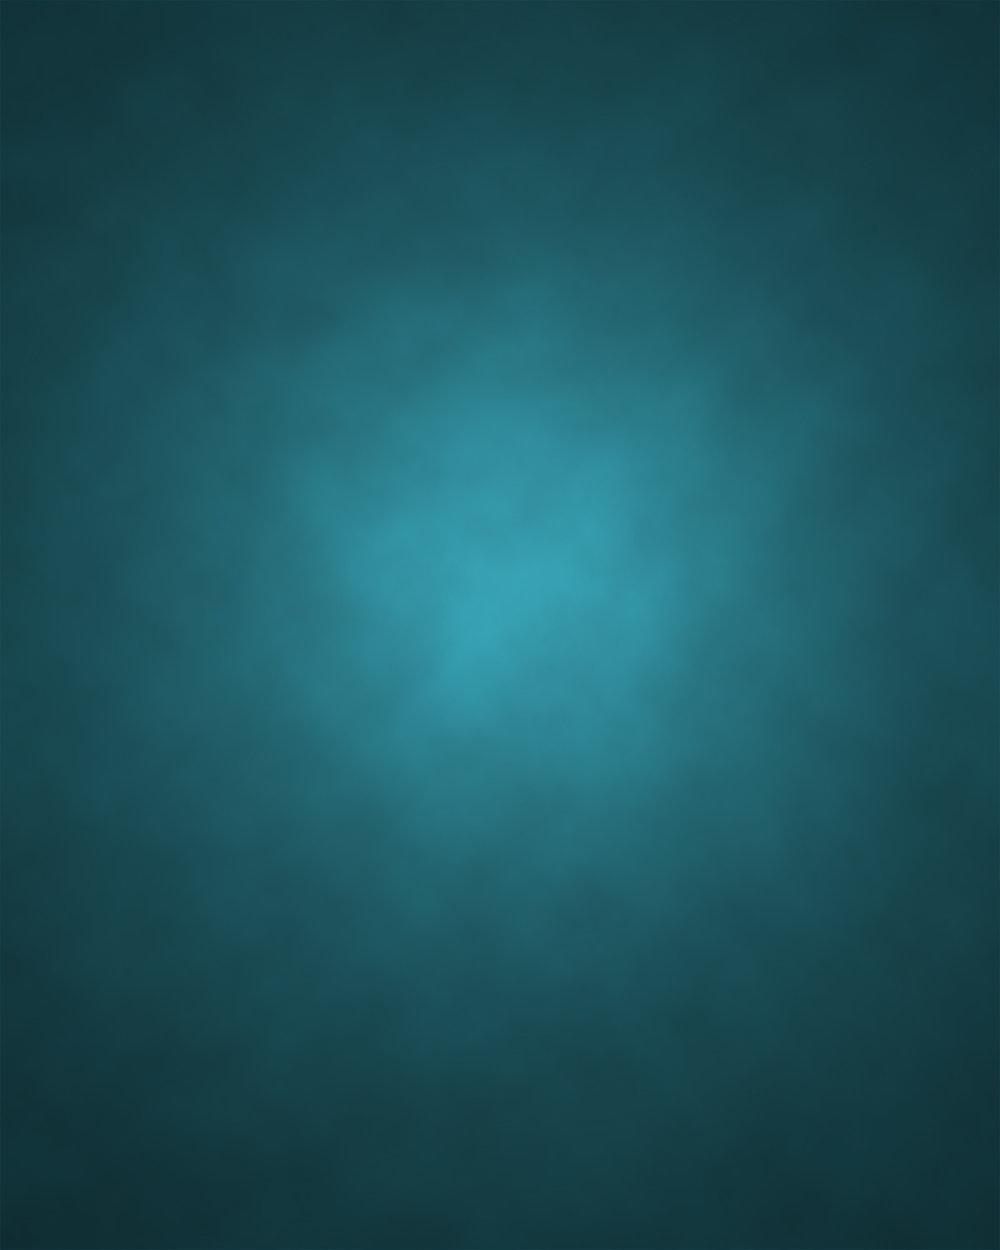 Background Option #5 - Teal